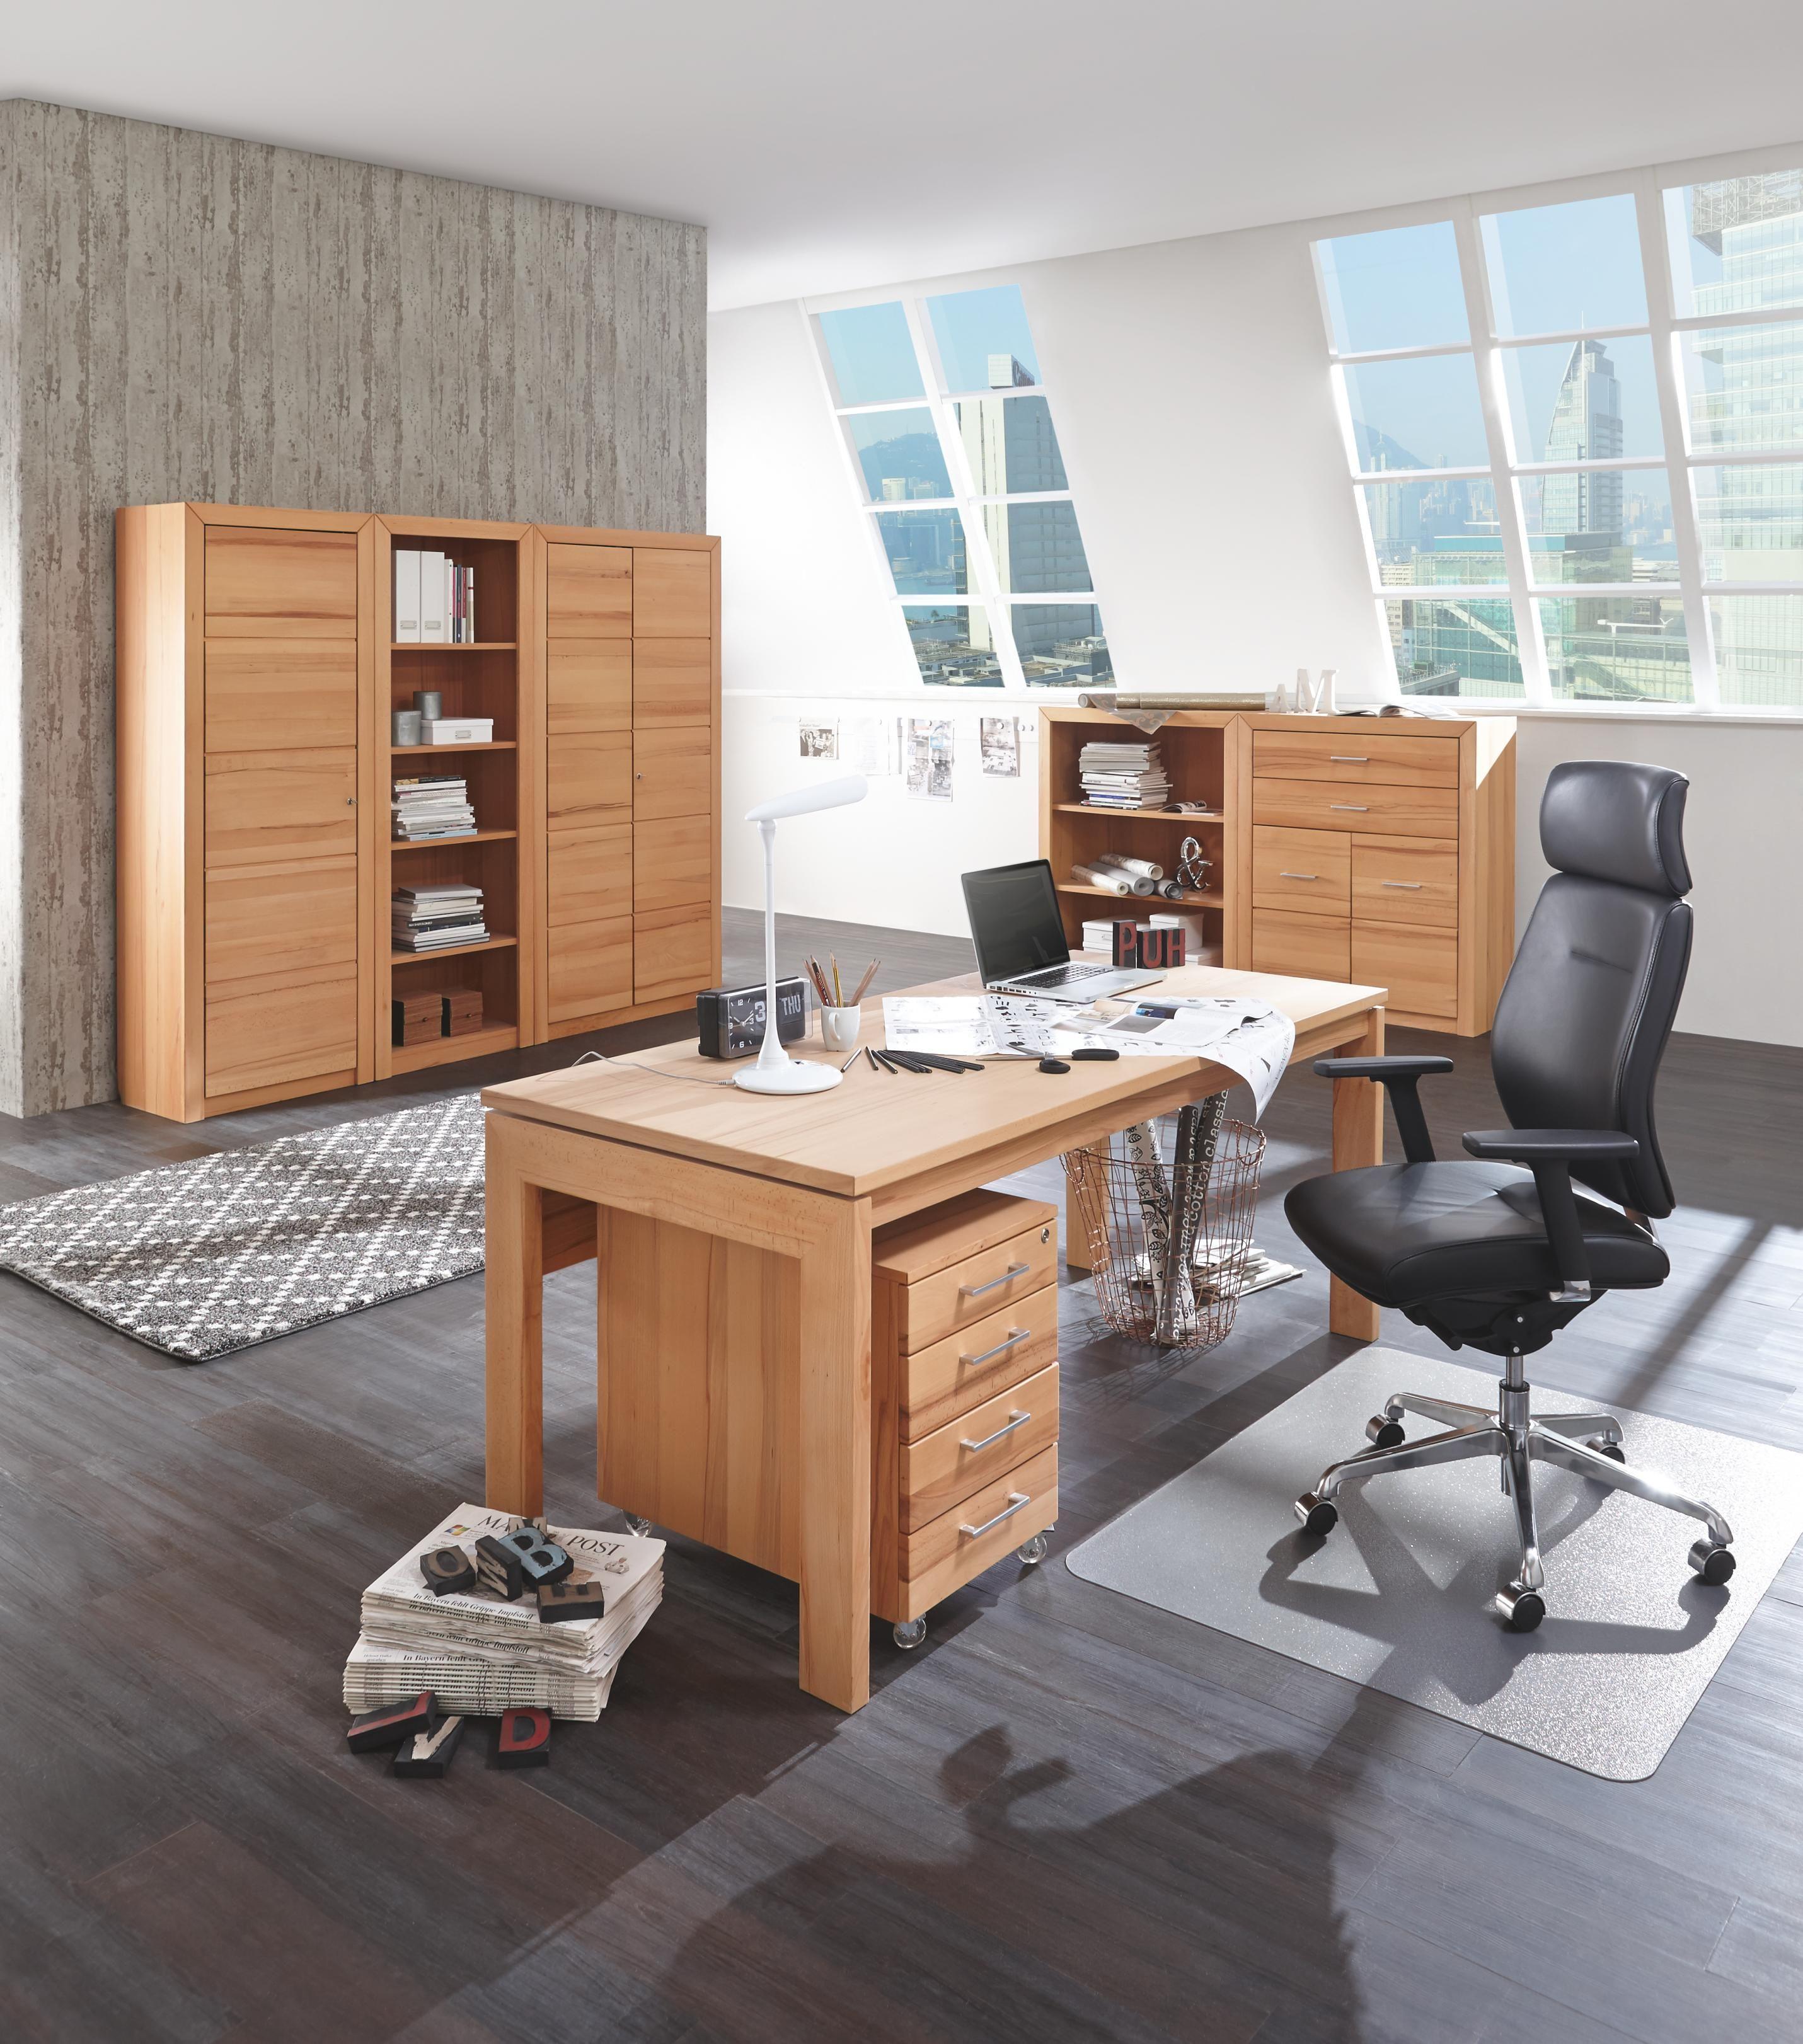 Dieser Schreibtisch Von LINEA NATURA Macht Mit Seinem Schlanken Design Aus  Echter Kernbuche Eine Hervorragende Figur